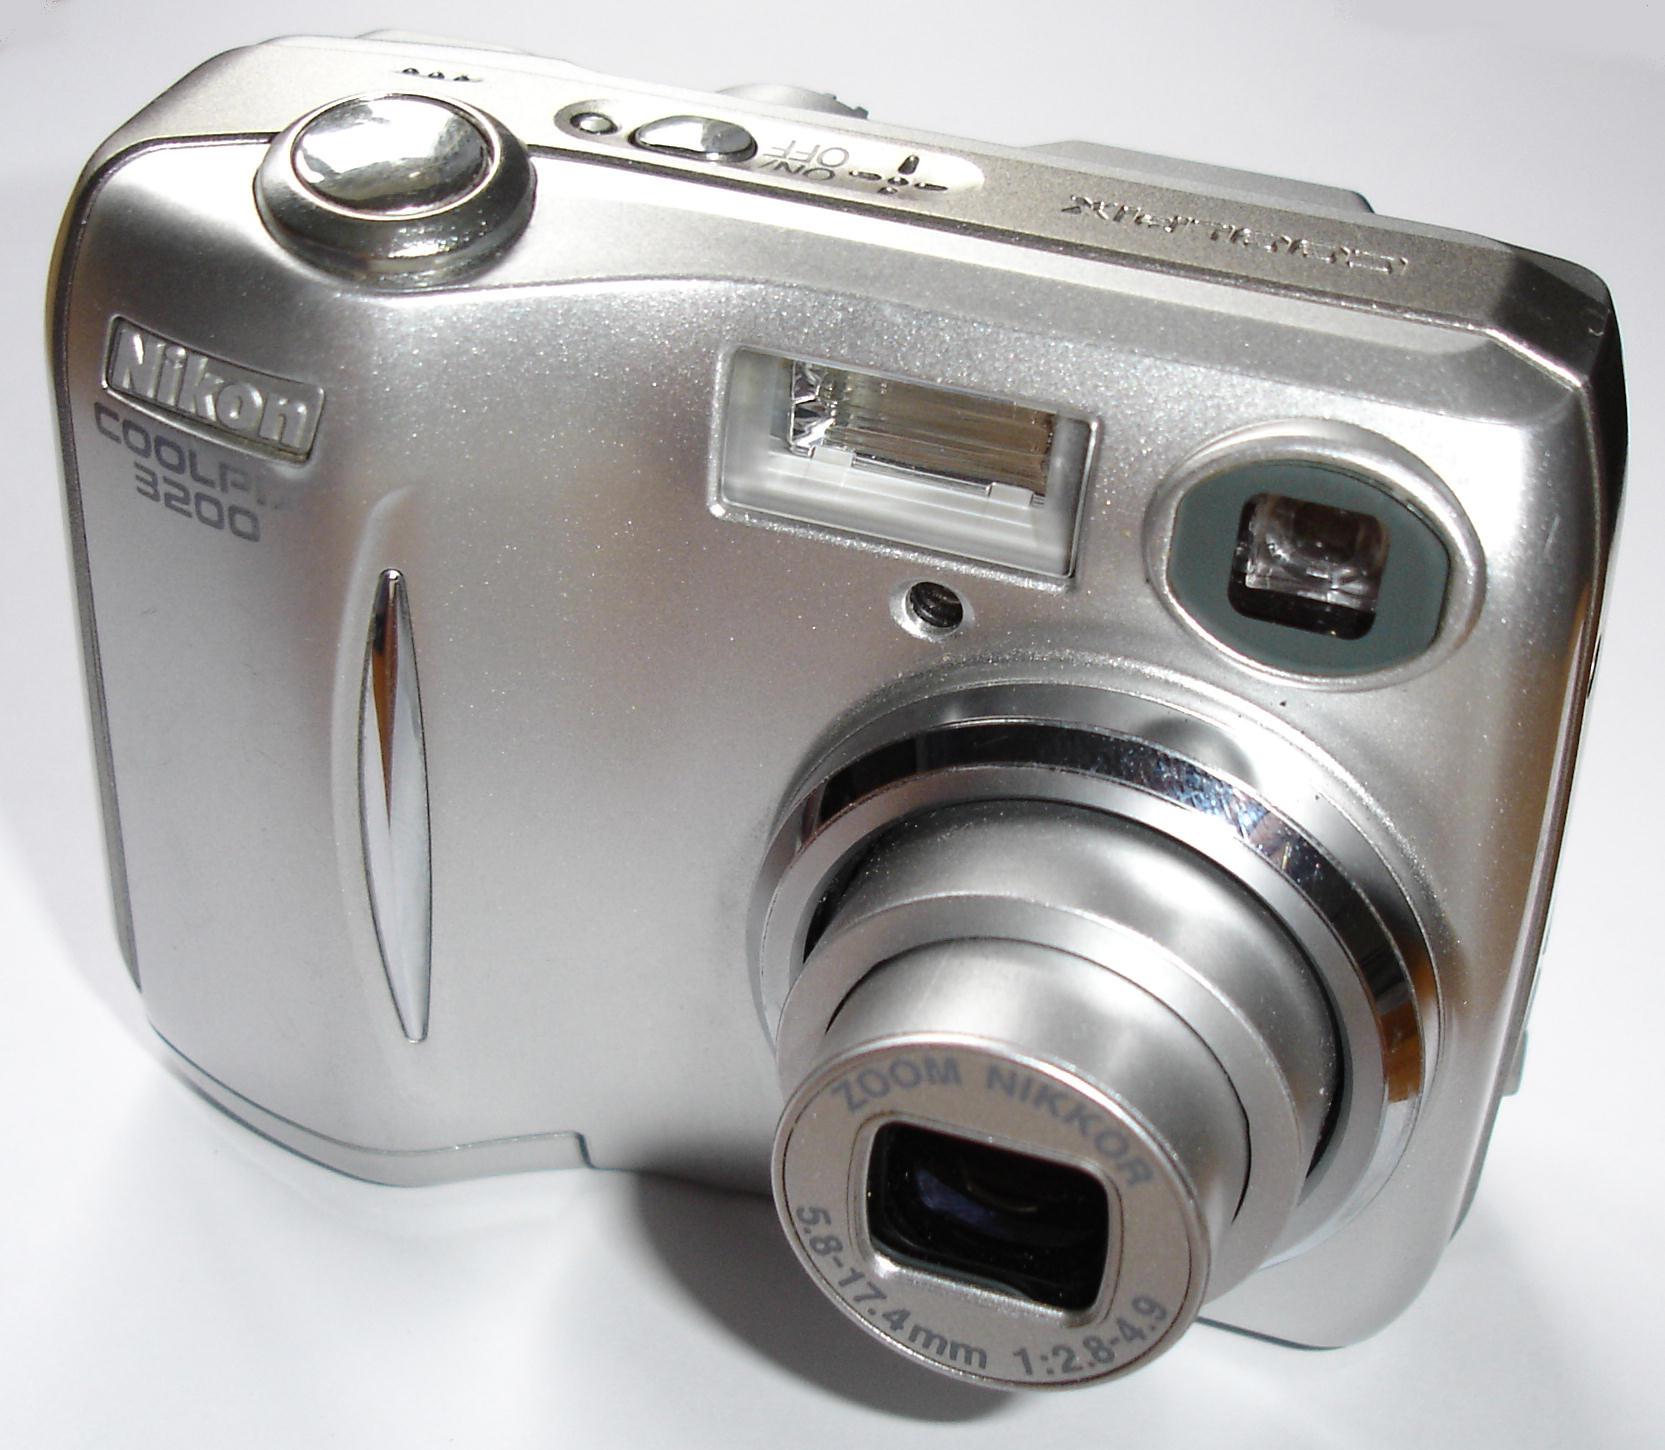 Nikon D400 vs 3200 - Our Analysis